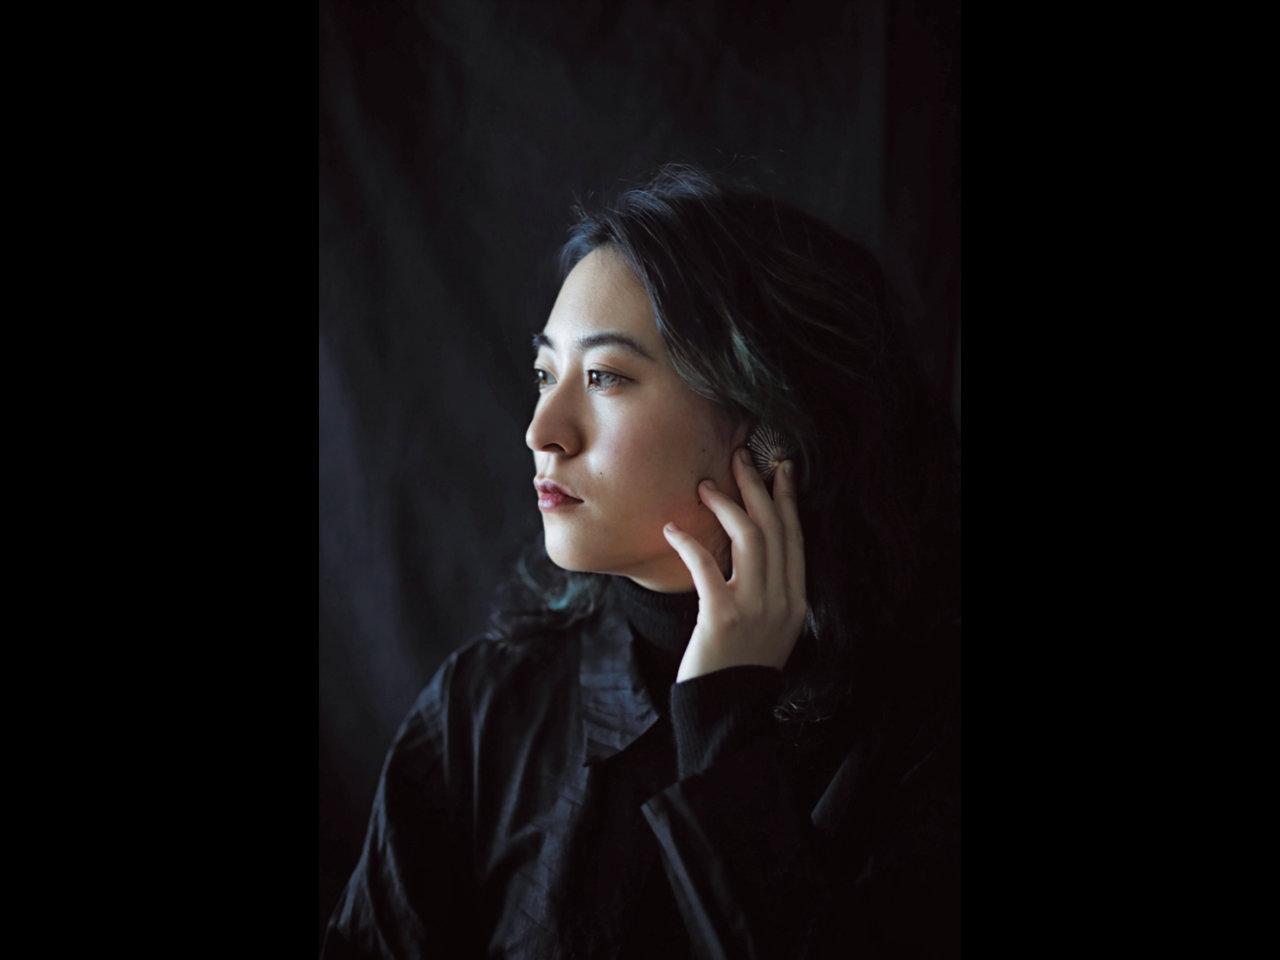 耳を澄まして目を凝らして受け取りたい、「独りぼっちの感覚」。角銅真実